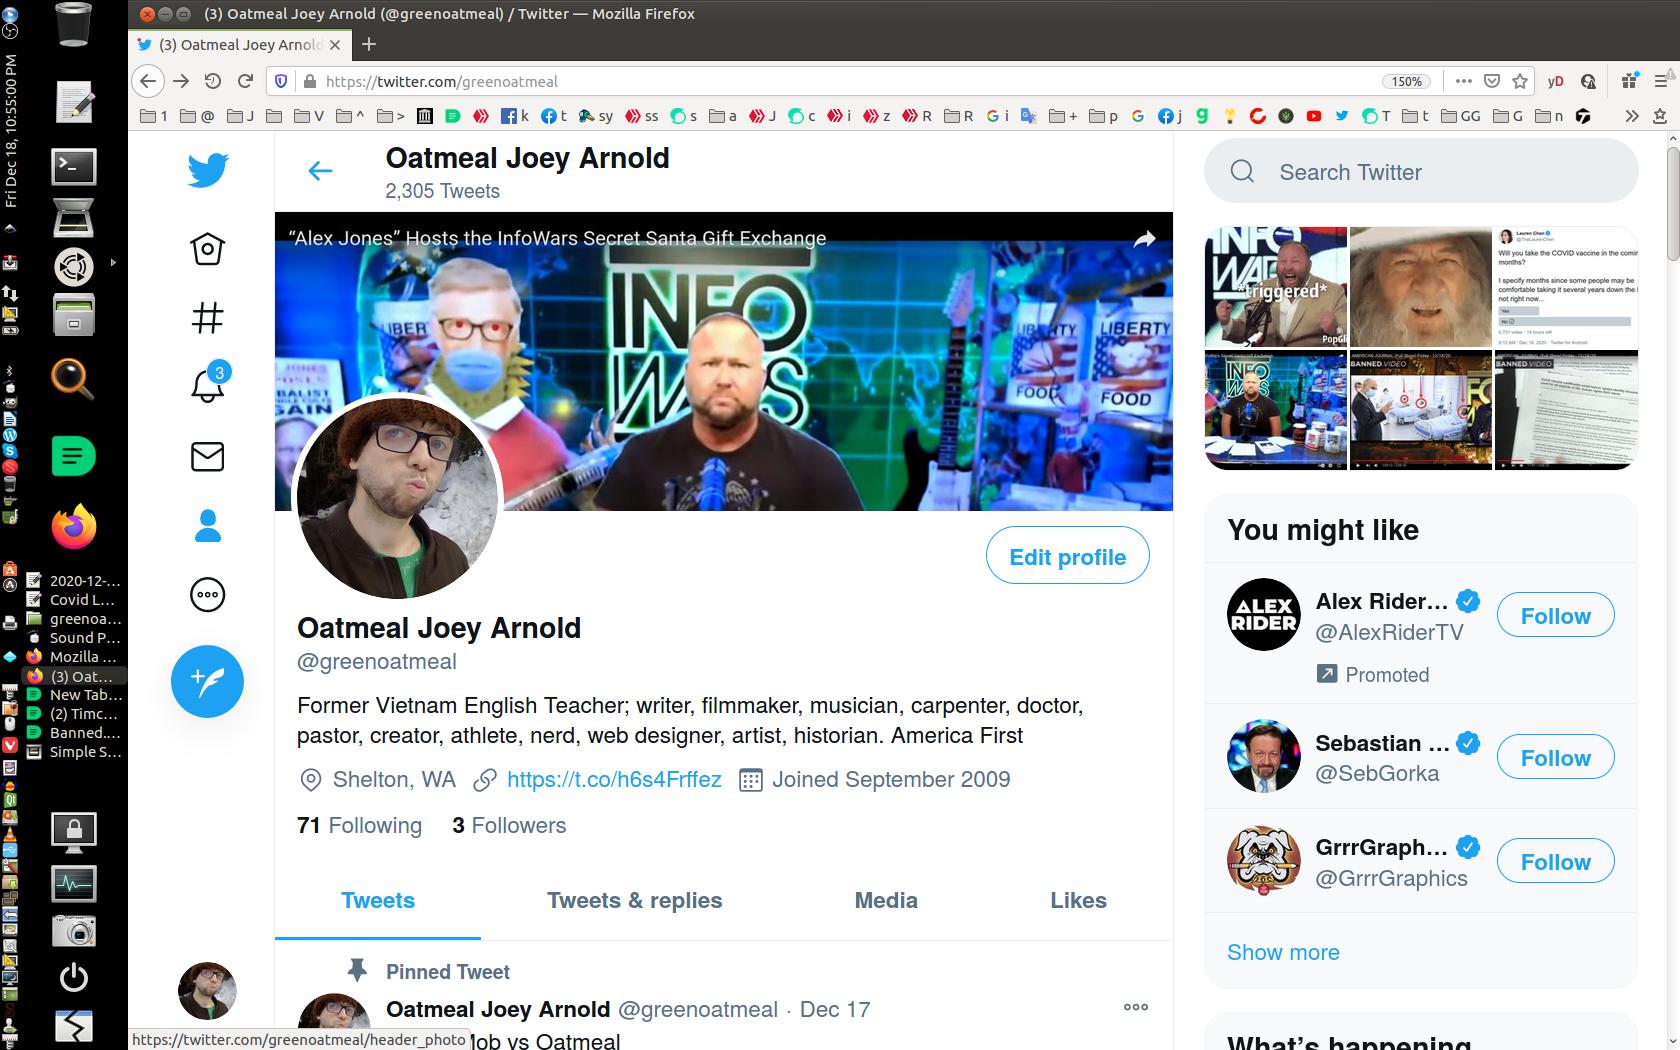 Screenshot at 2020-12-18 22:55:00 Twitter GreenOatmeal.png